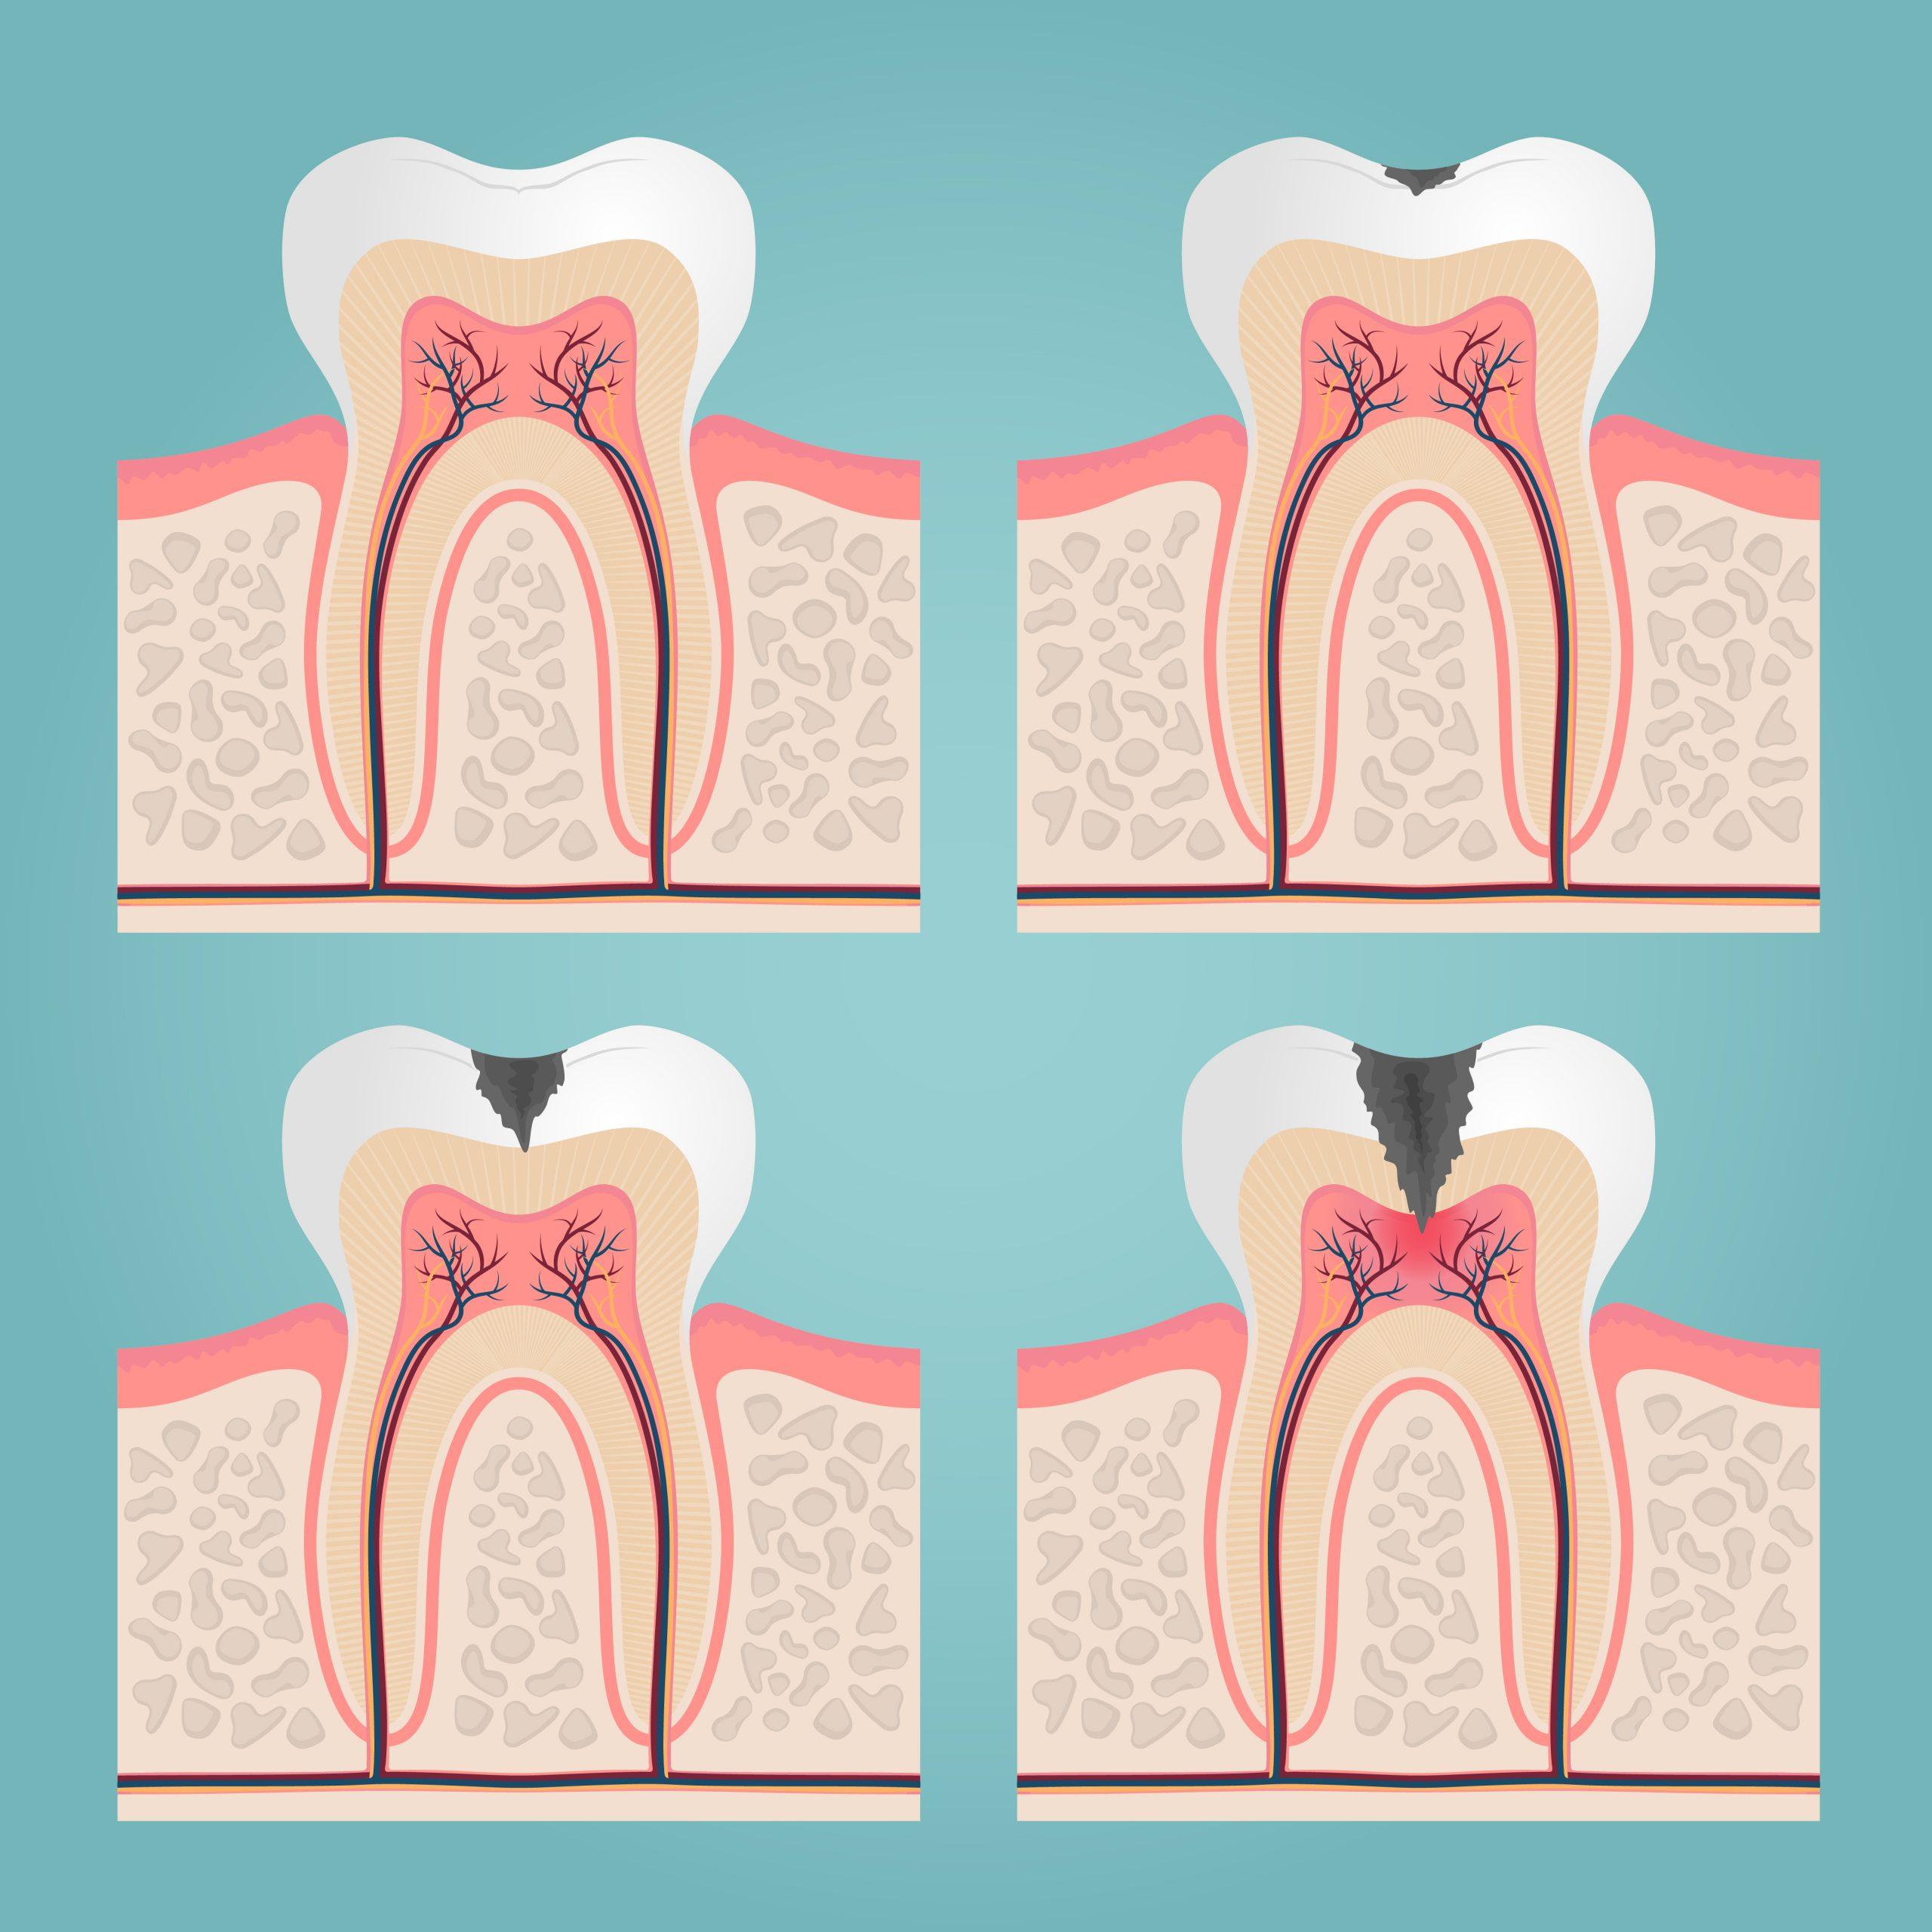 روند پوسیدگی و رسیدن پوسیدگی به فضای ریشه دندان - کلینیک دندانپزشکی صدف فردیس